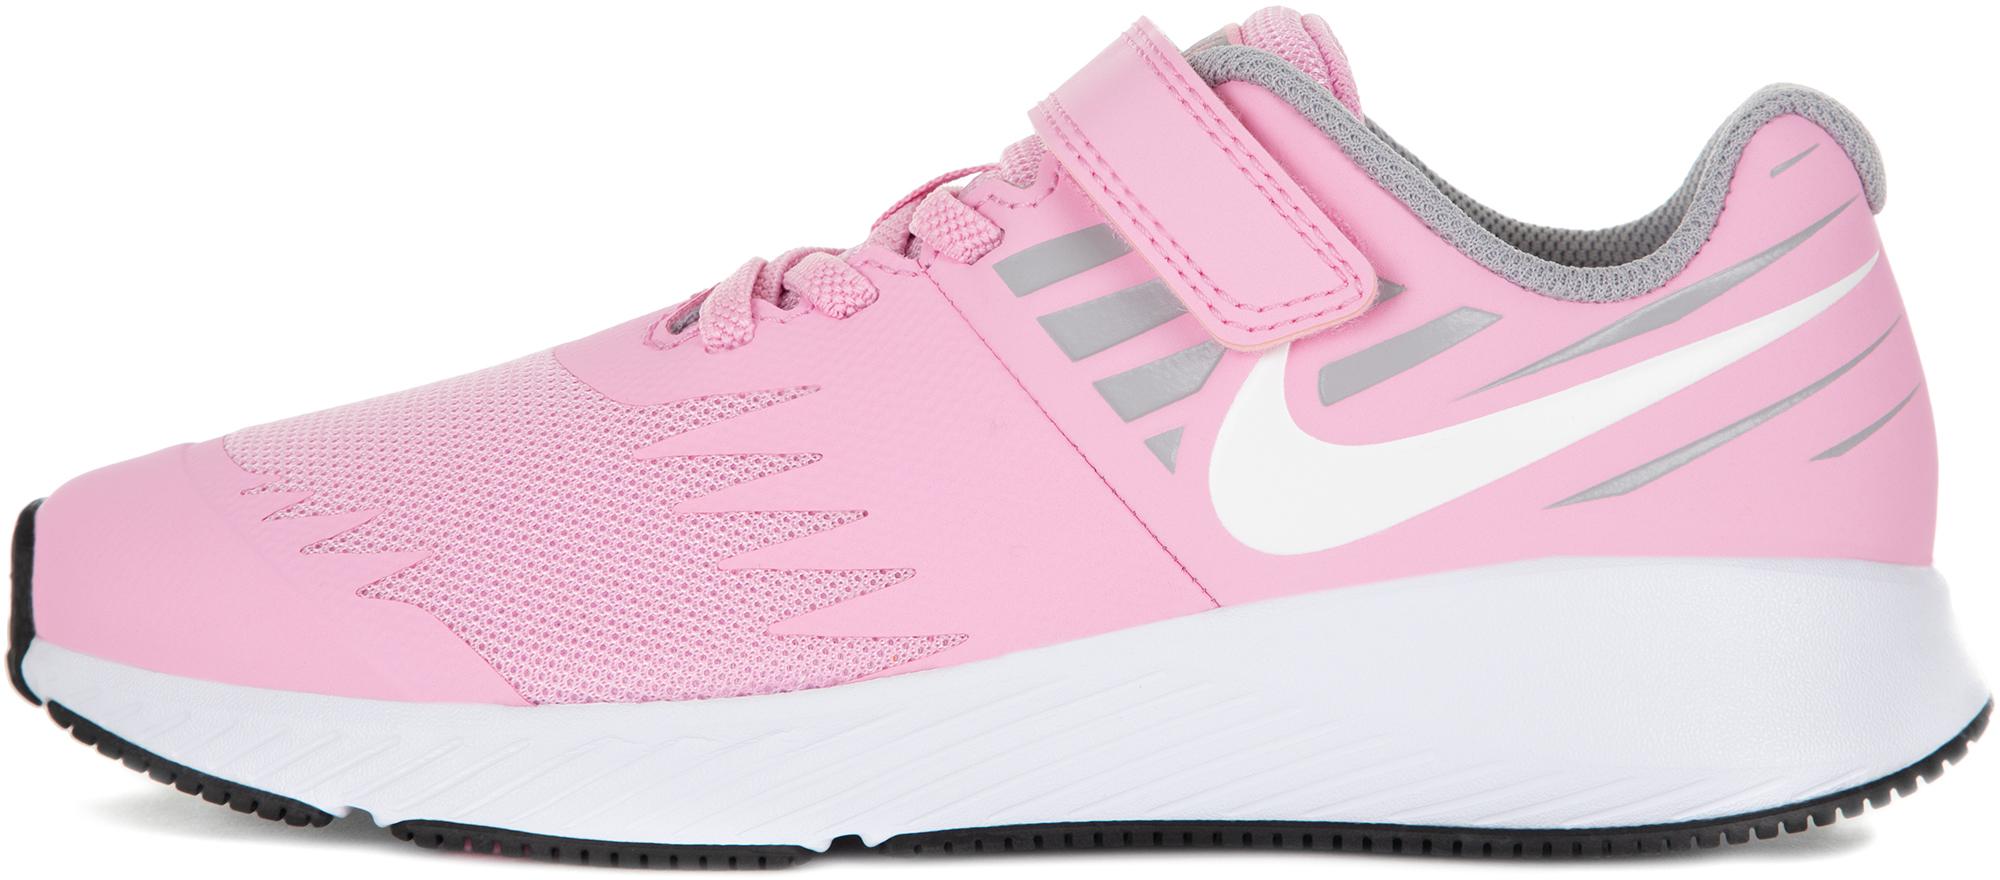 купить Nike Кроссовки для девочек Nike Star Runner, размер 34 по цене 2599 рублей